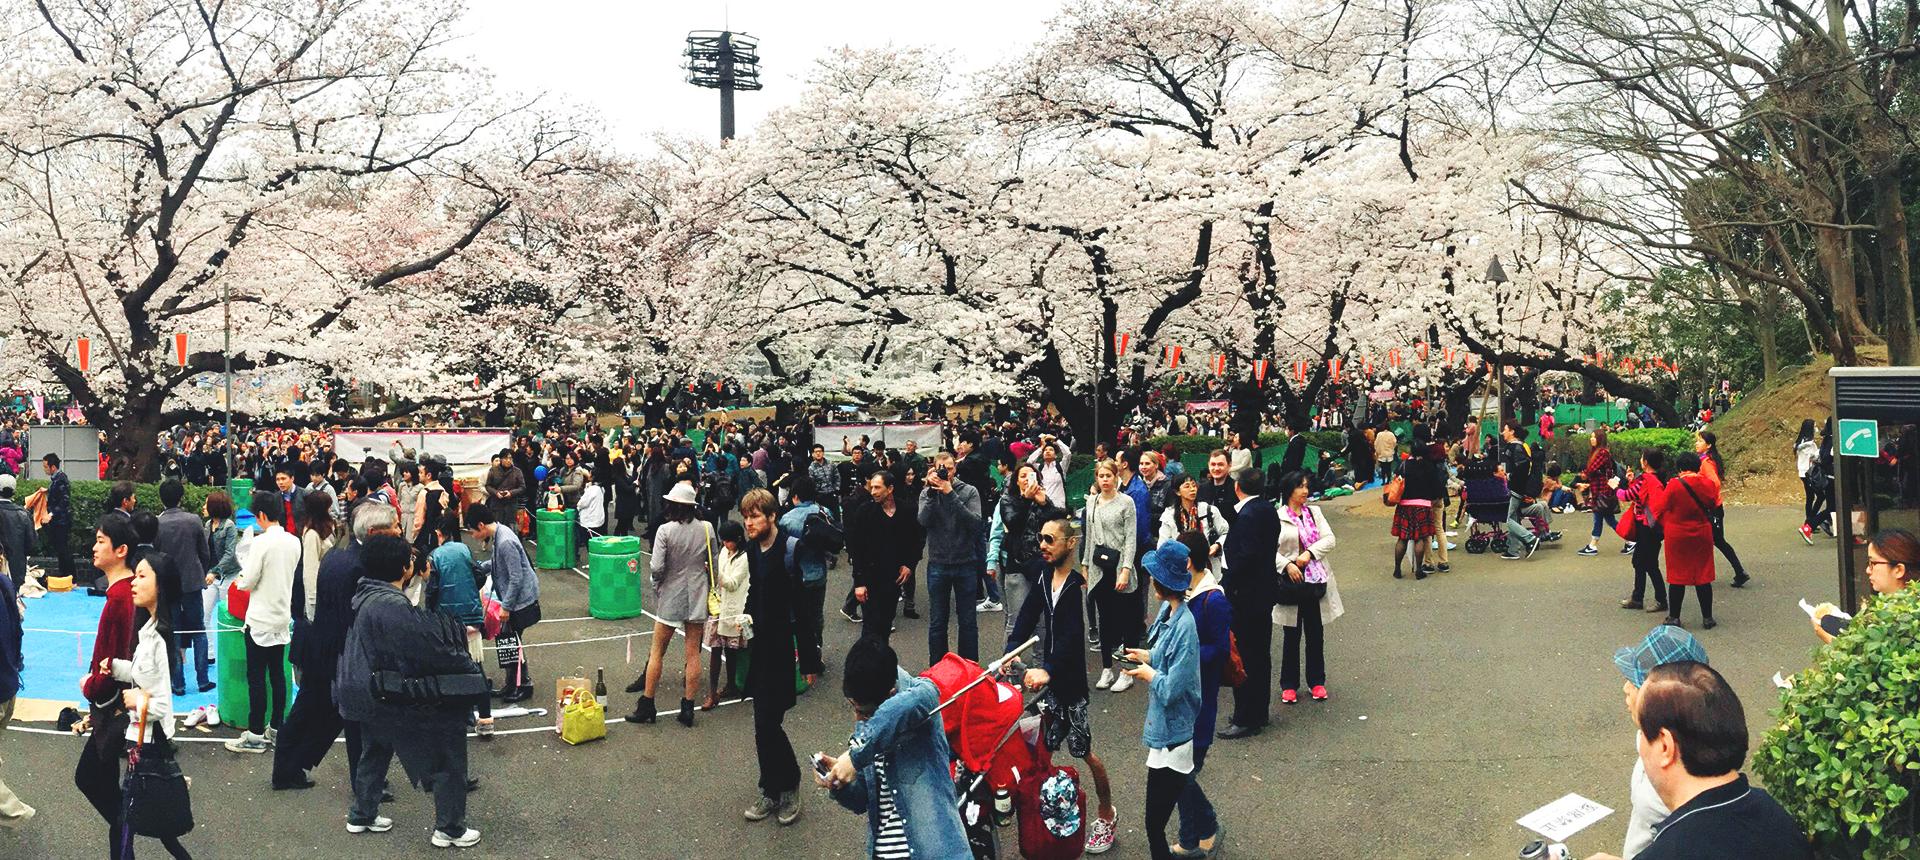 上野公園 国际善邻学院